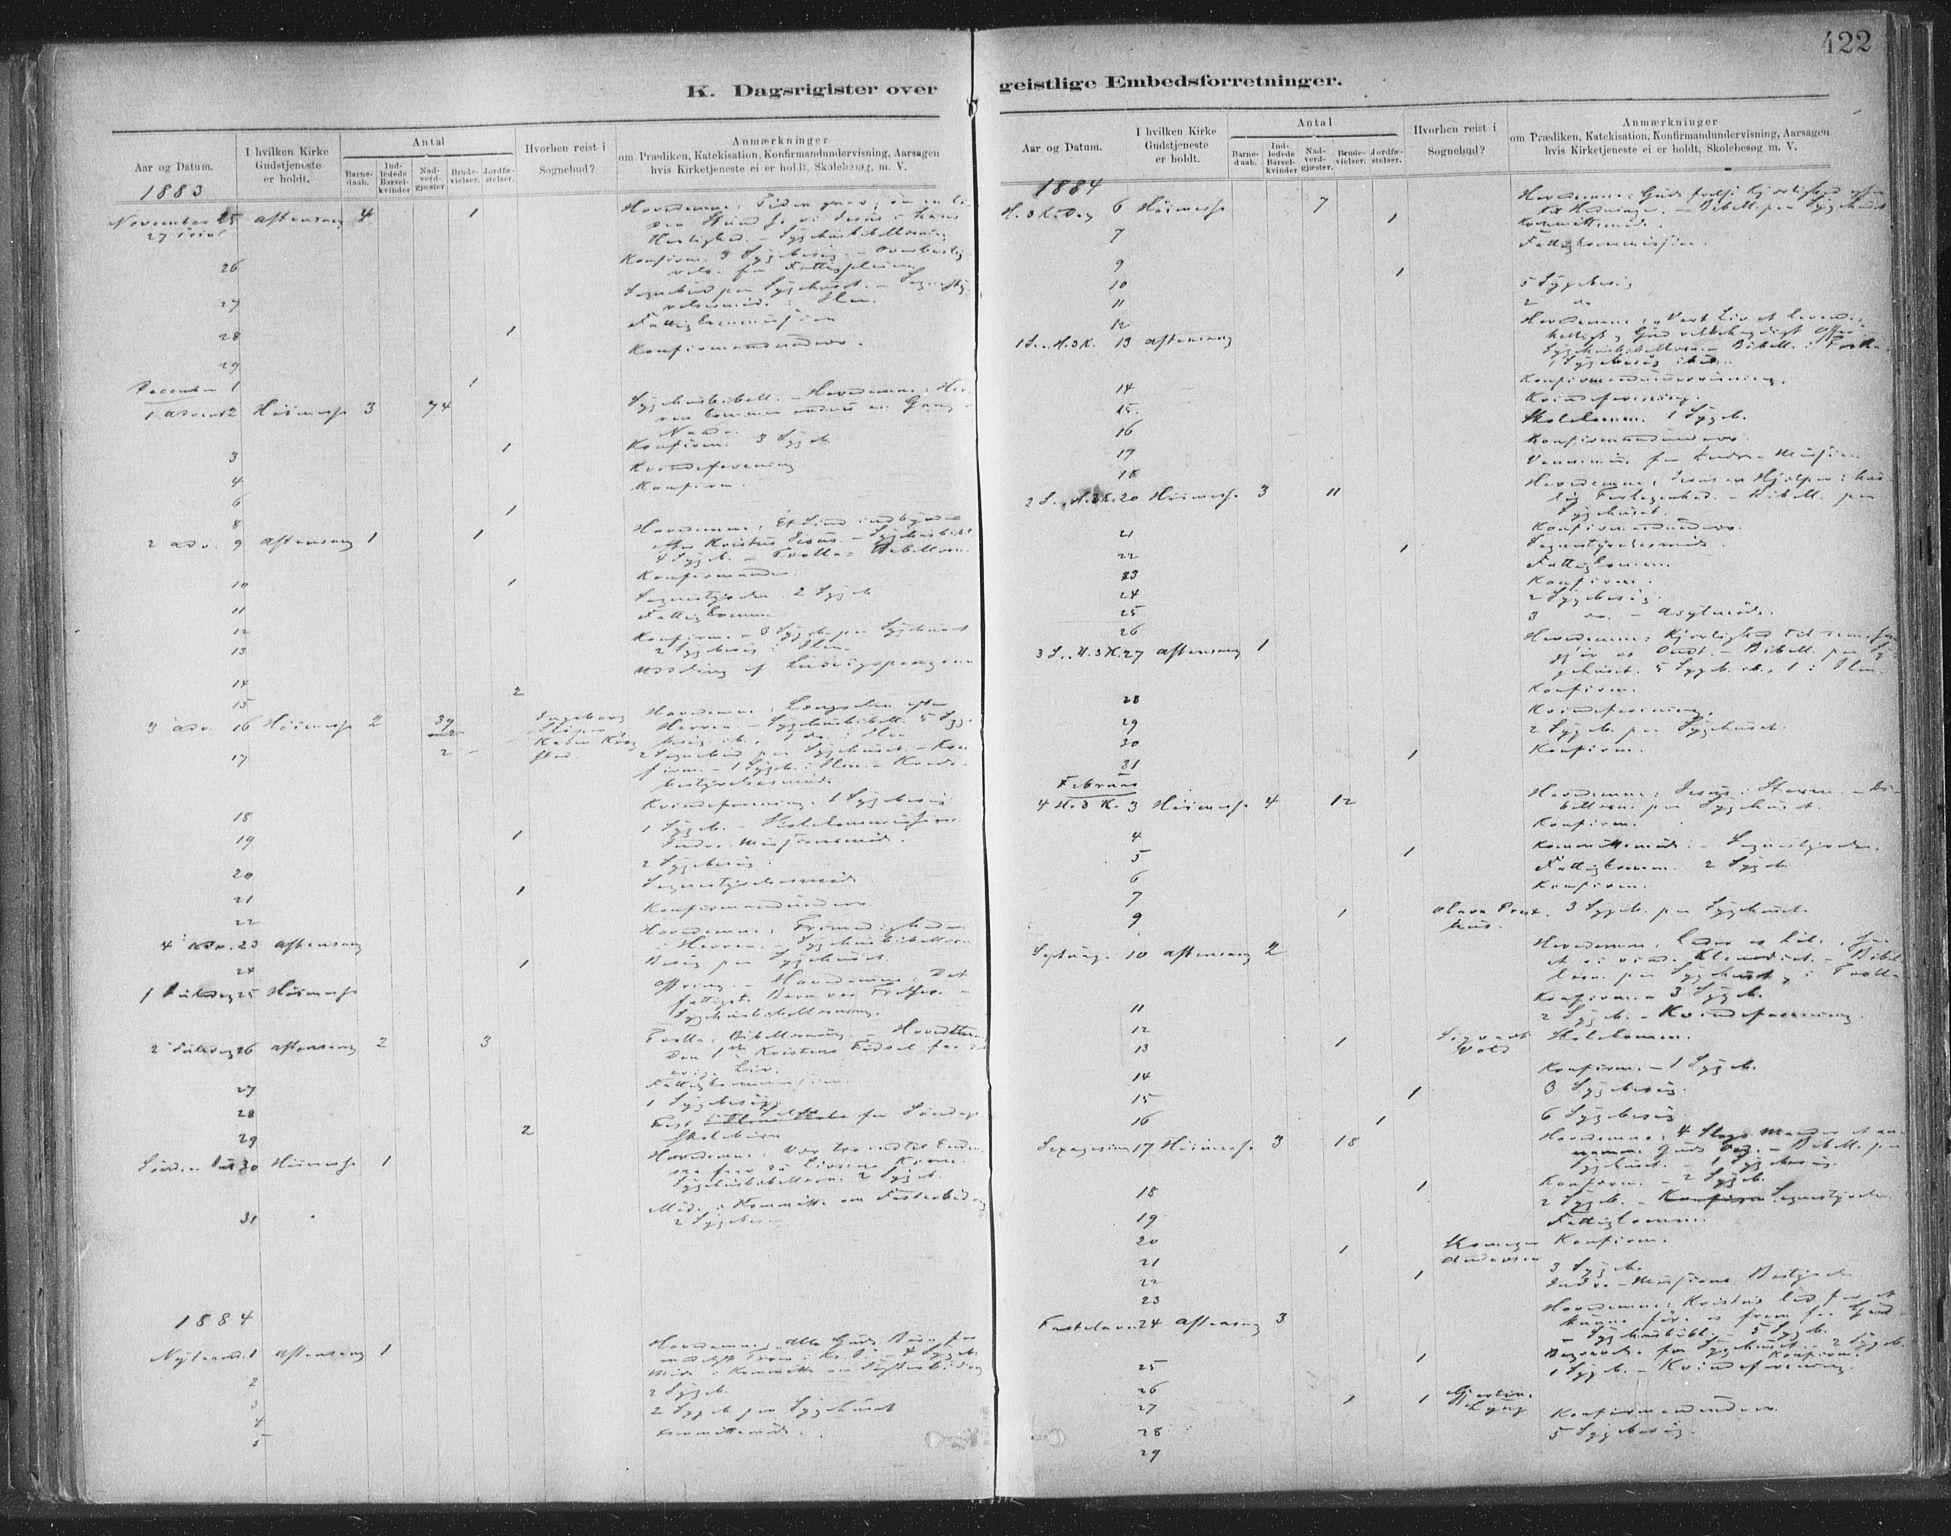 SAT, Ministerialprotokoller, klokkerbøker og fødselsregistre - Sør-Trøndelag, 603/L0163: Ministerialbok nr. 603A02, 1879-1895, s. 422